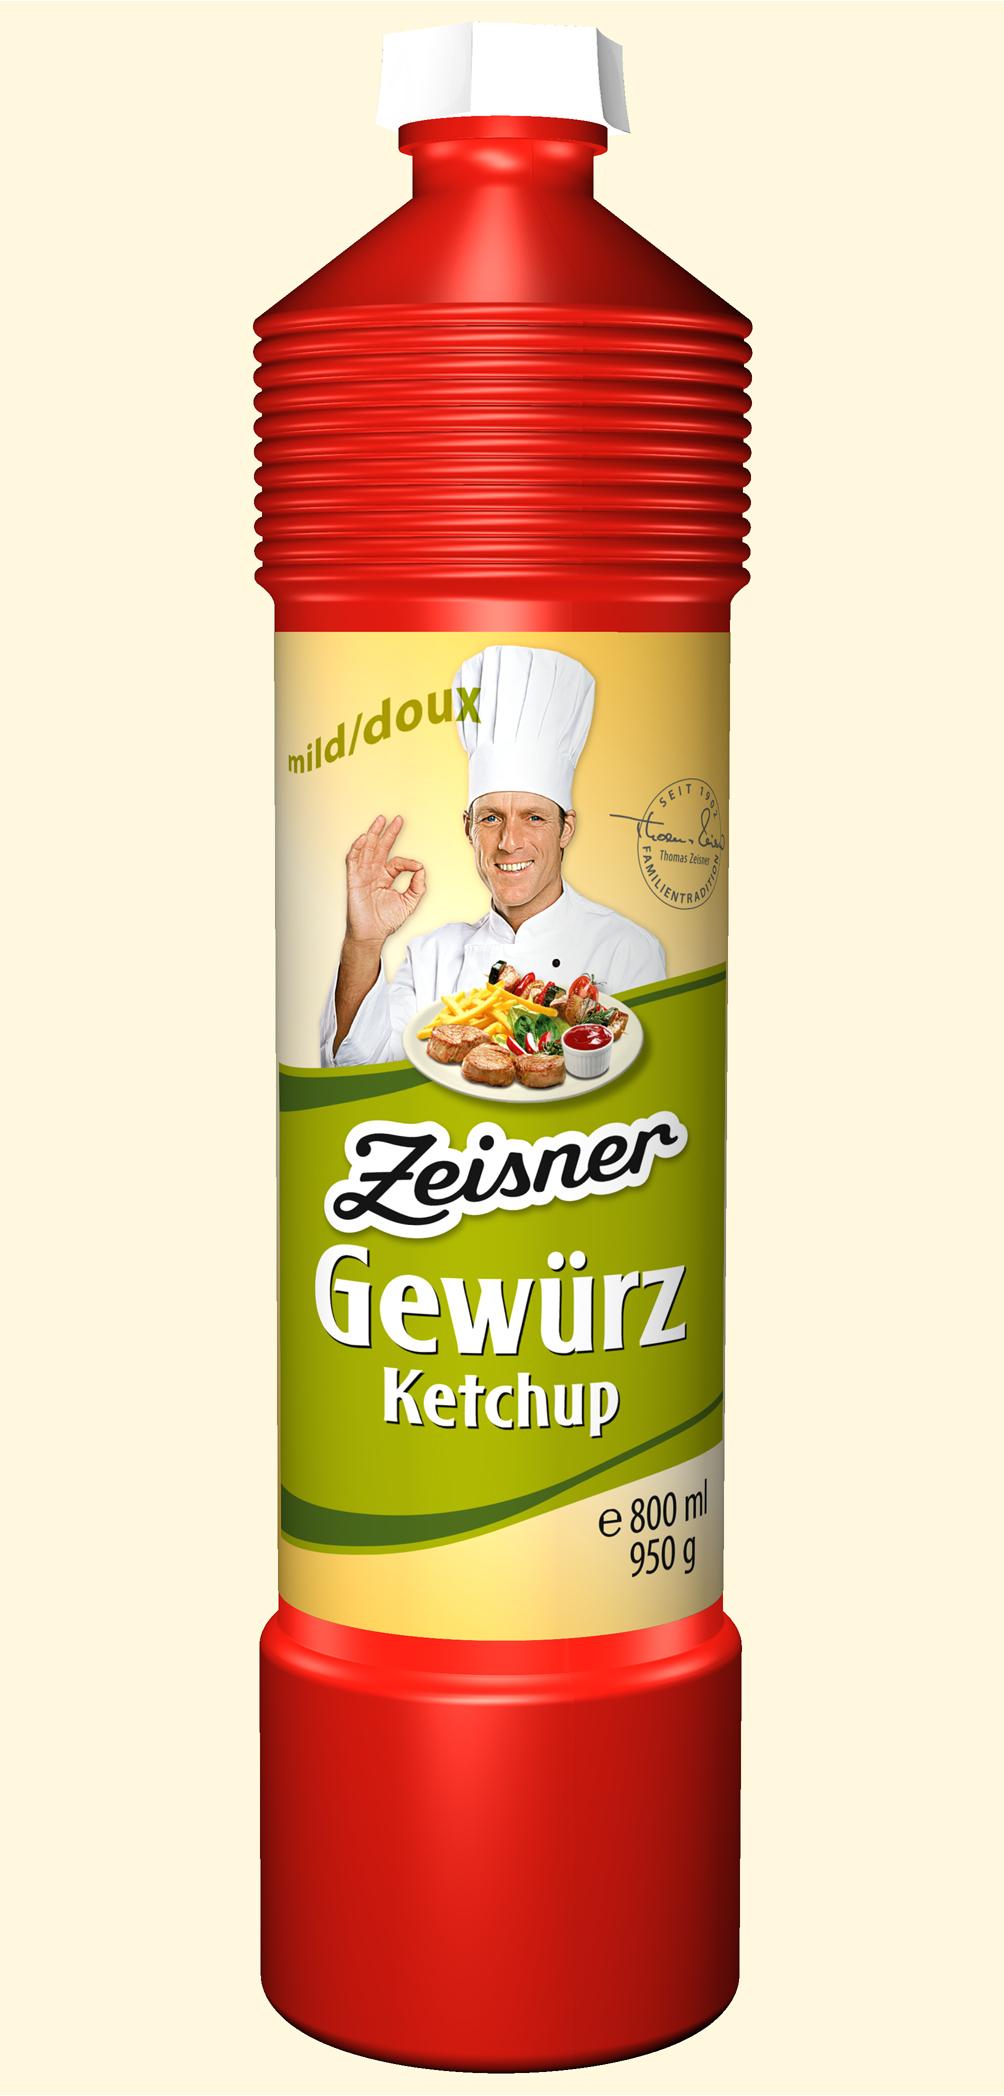 Zeisner Gewürz-Ketchup mild 800ml Flasche